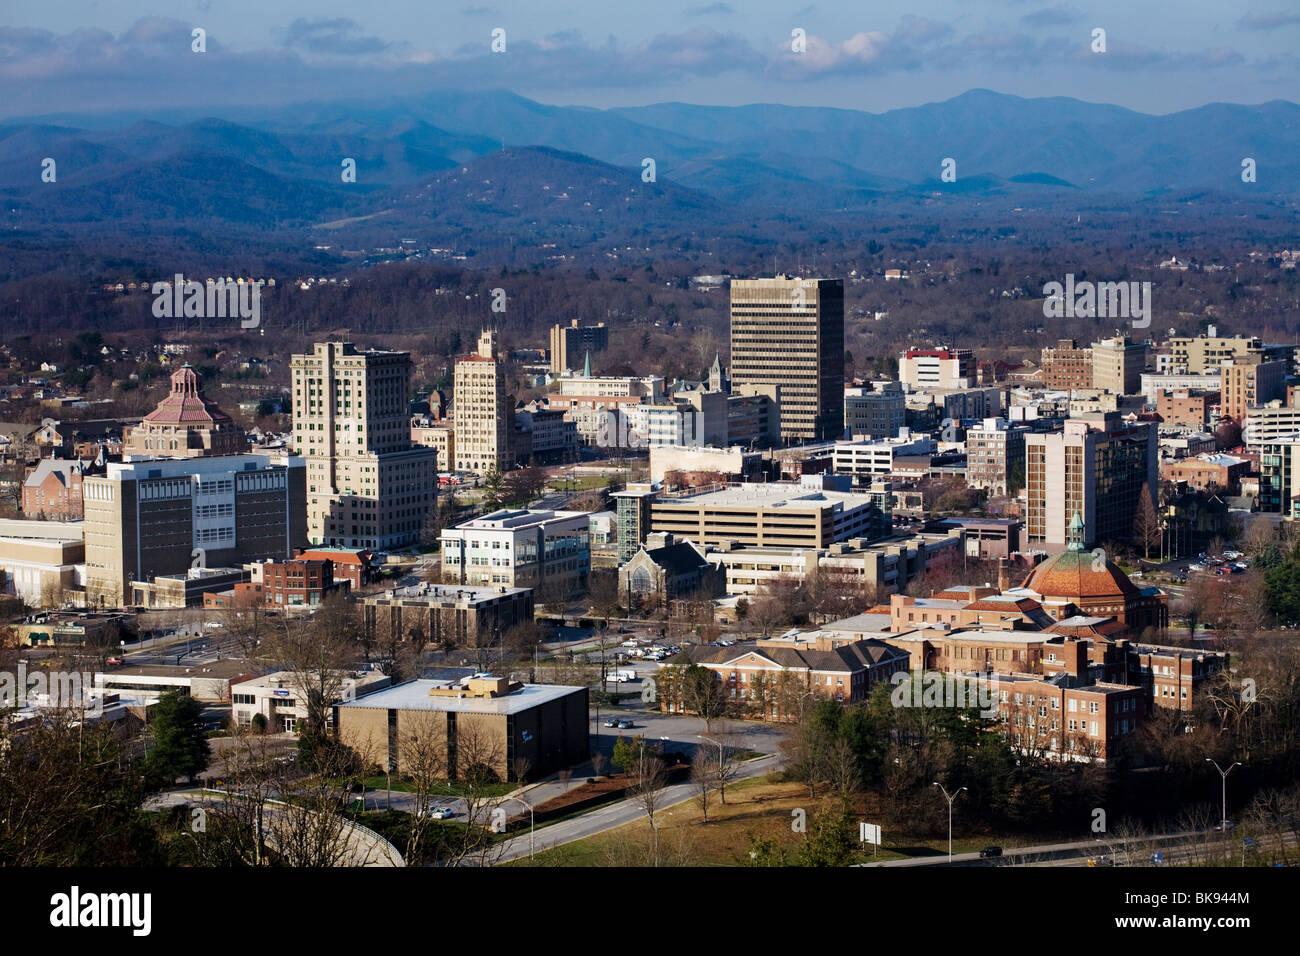 Asheville, North Carolina, nestled in the Blue Ridge Mountains - Stock Image